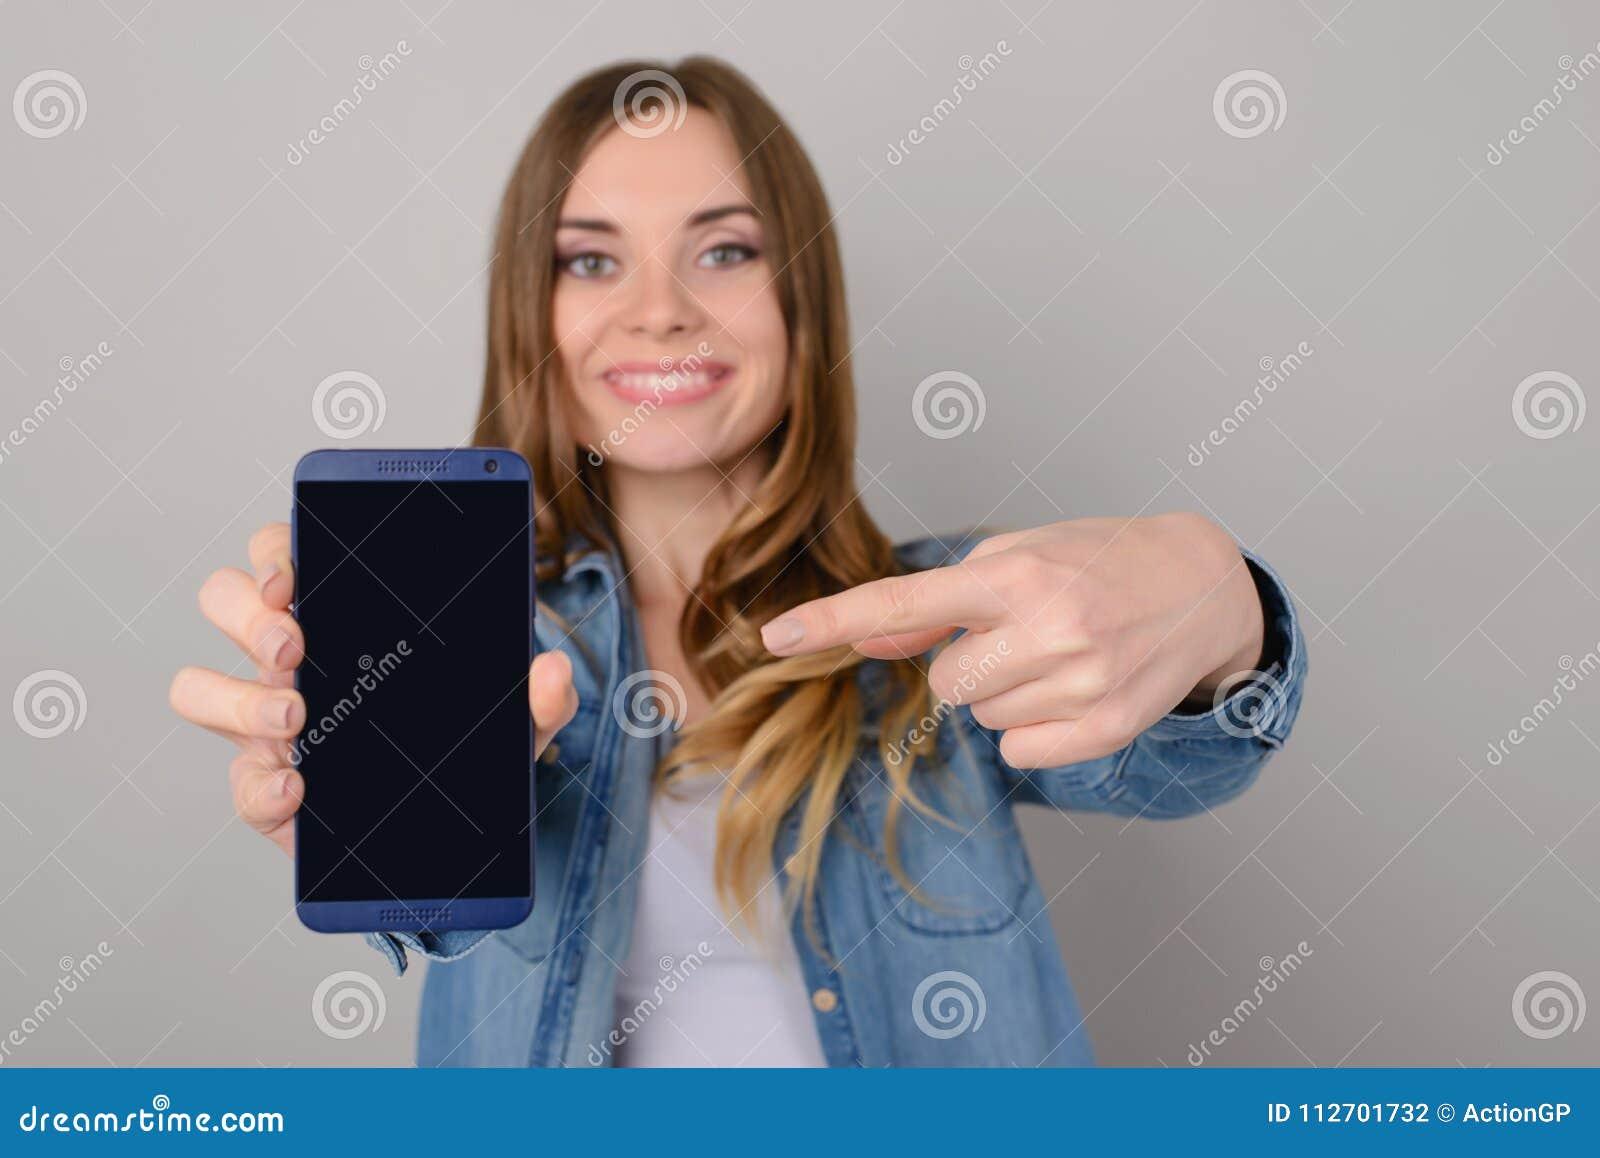 Mujer bonita sonriente que muestra la pantalla vacía negra de su smartphone y que señala en ella con su finger; aislado en fondo